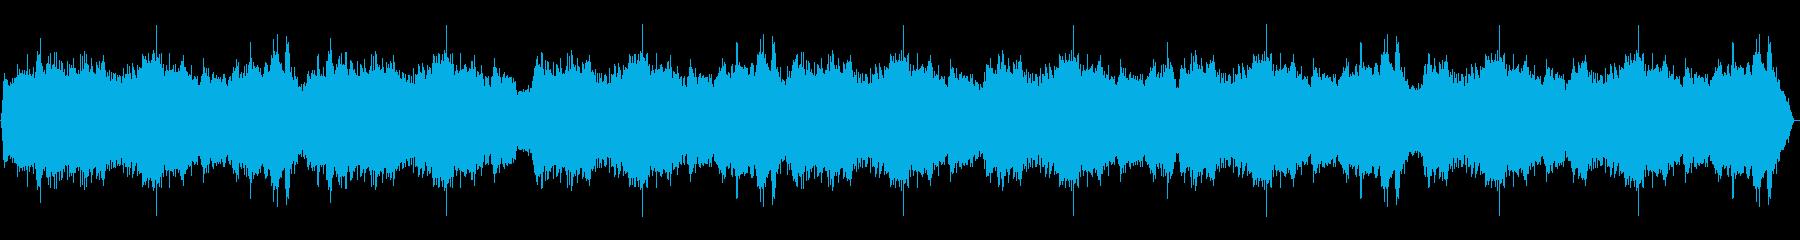 海の波音,01の再生済みの波形